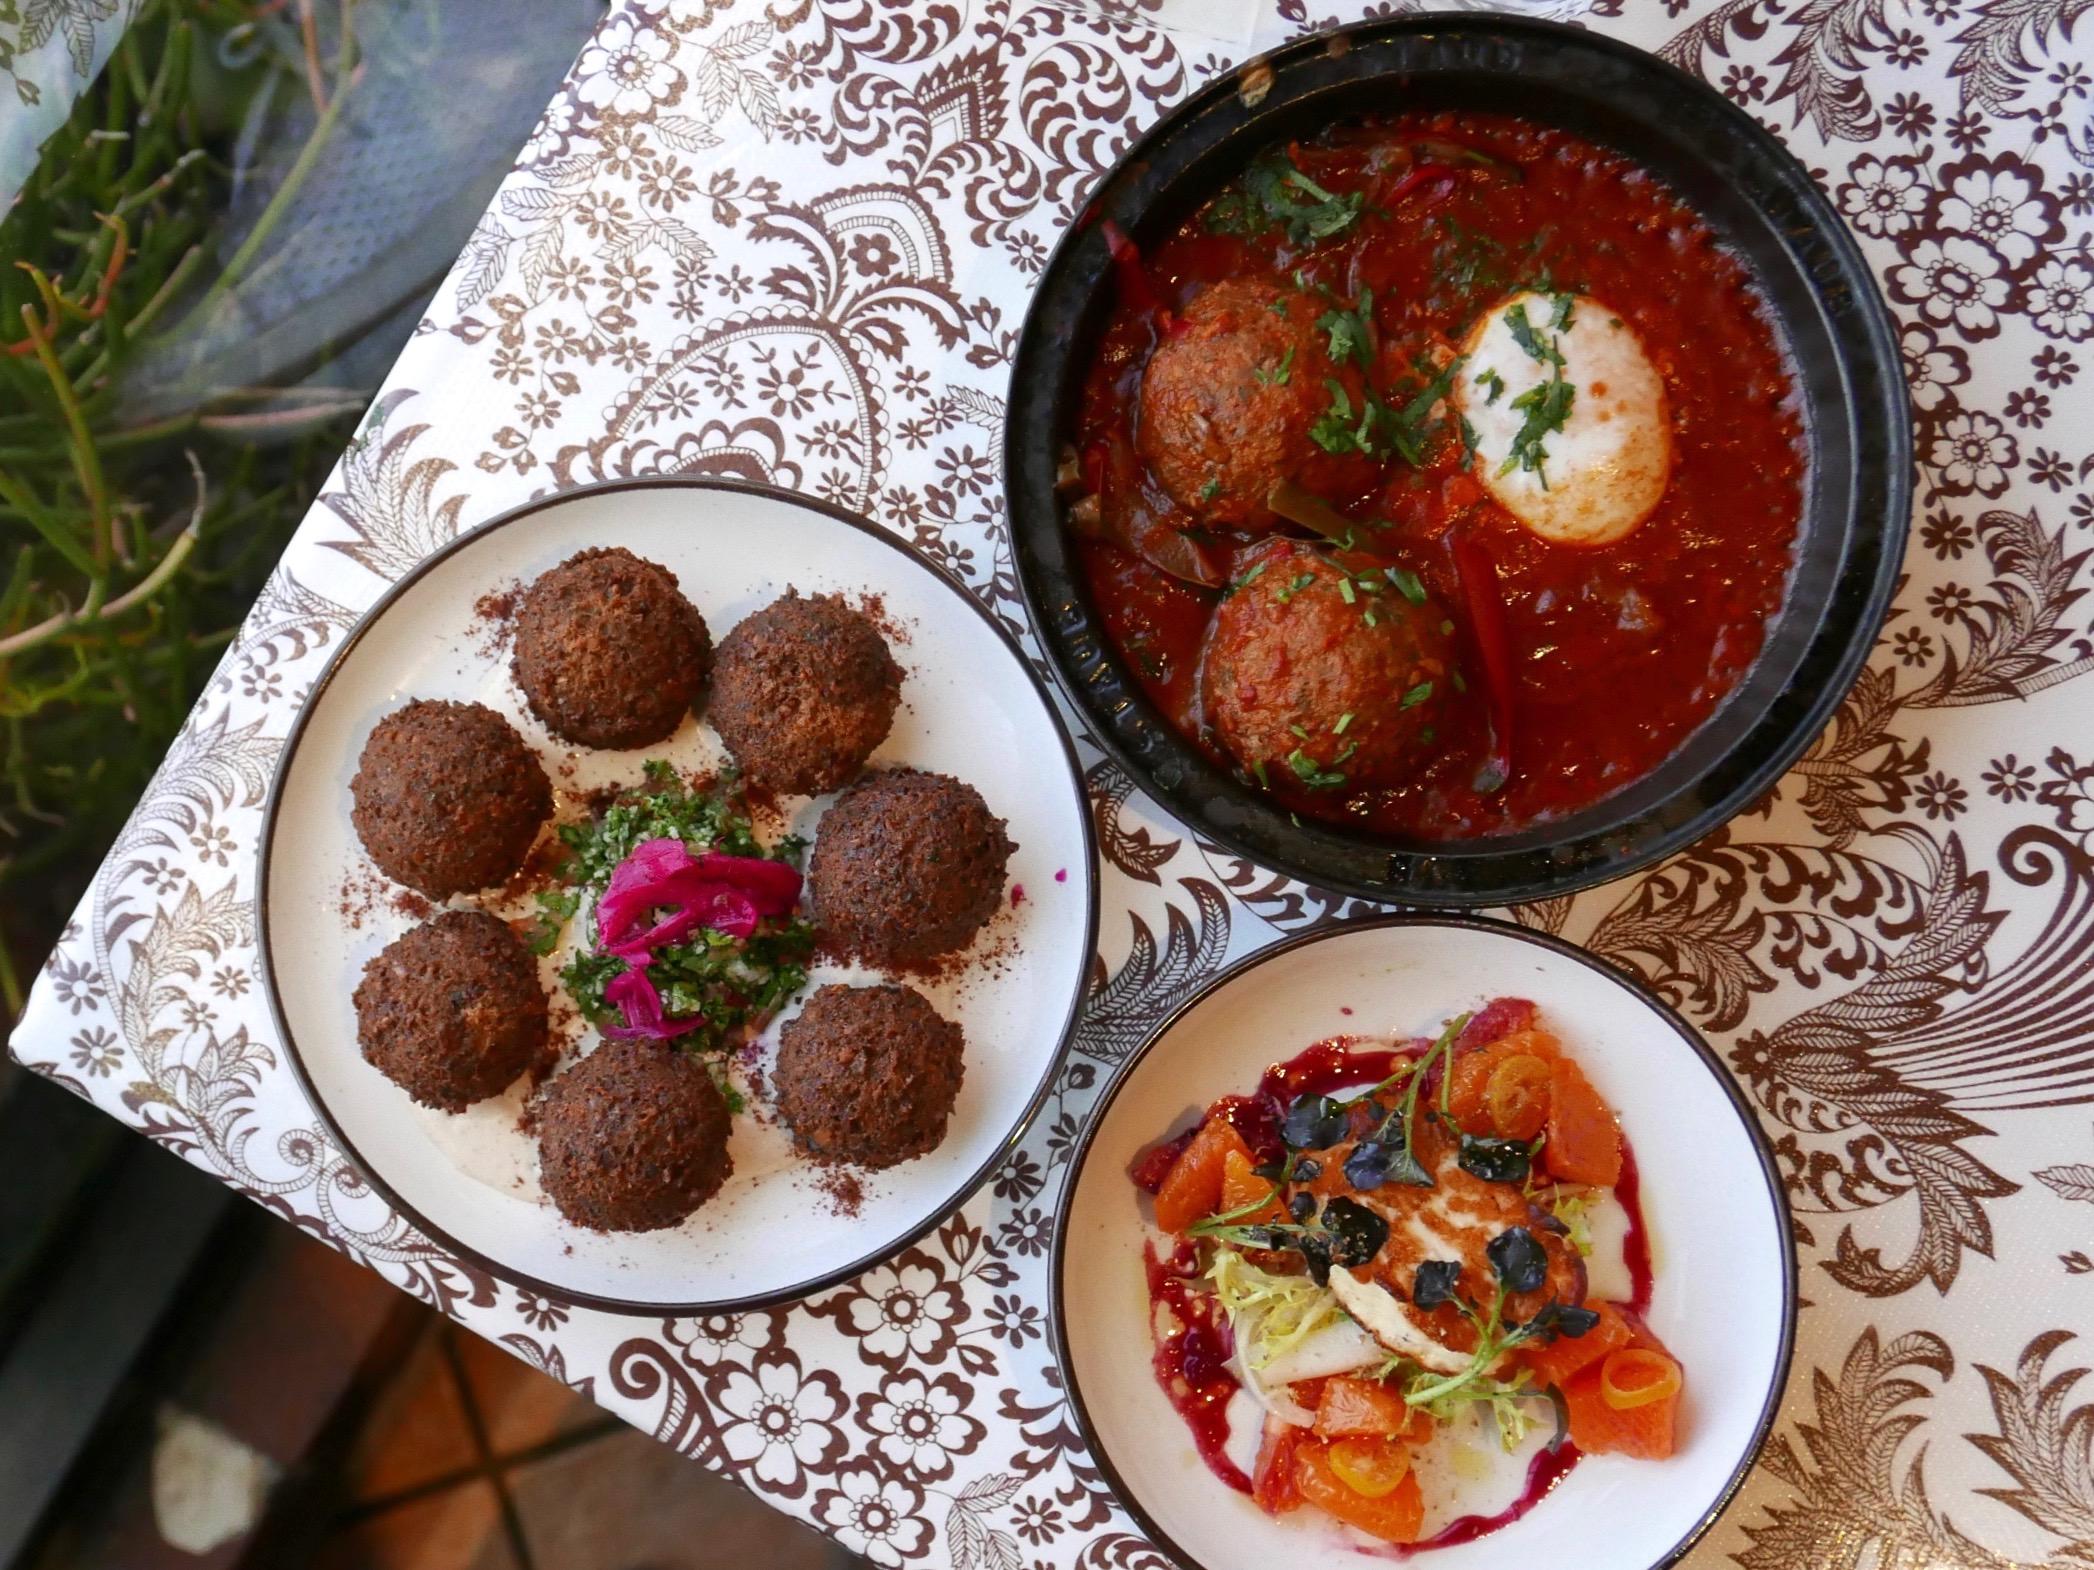 Mizlala's Mediterranean Food Sherman Oaks